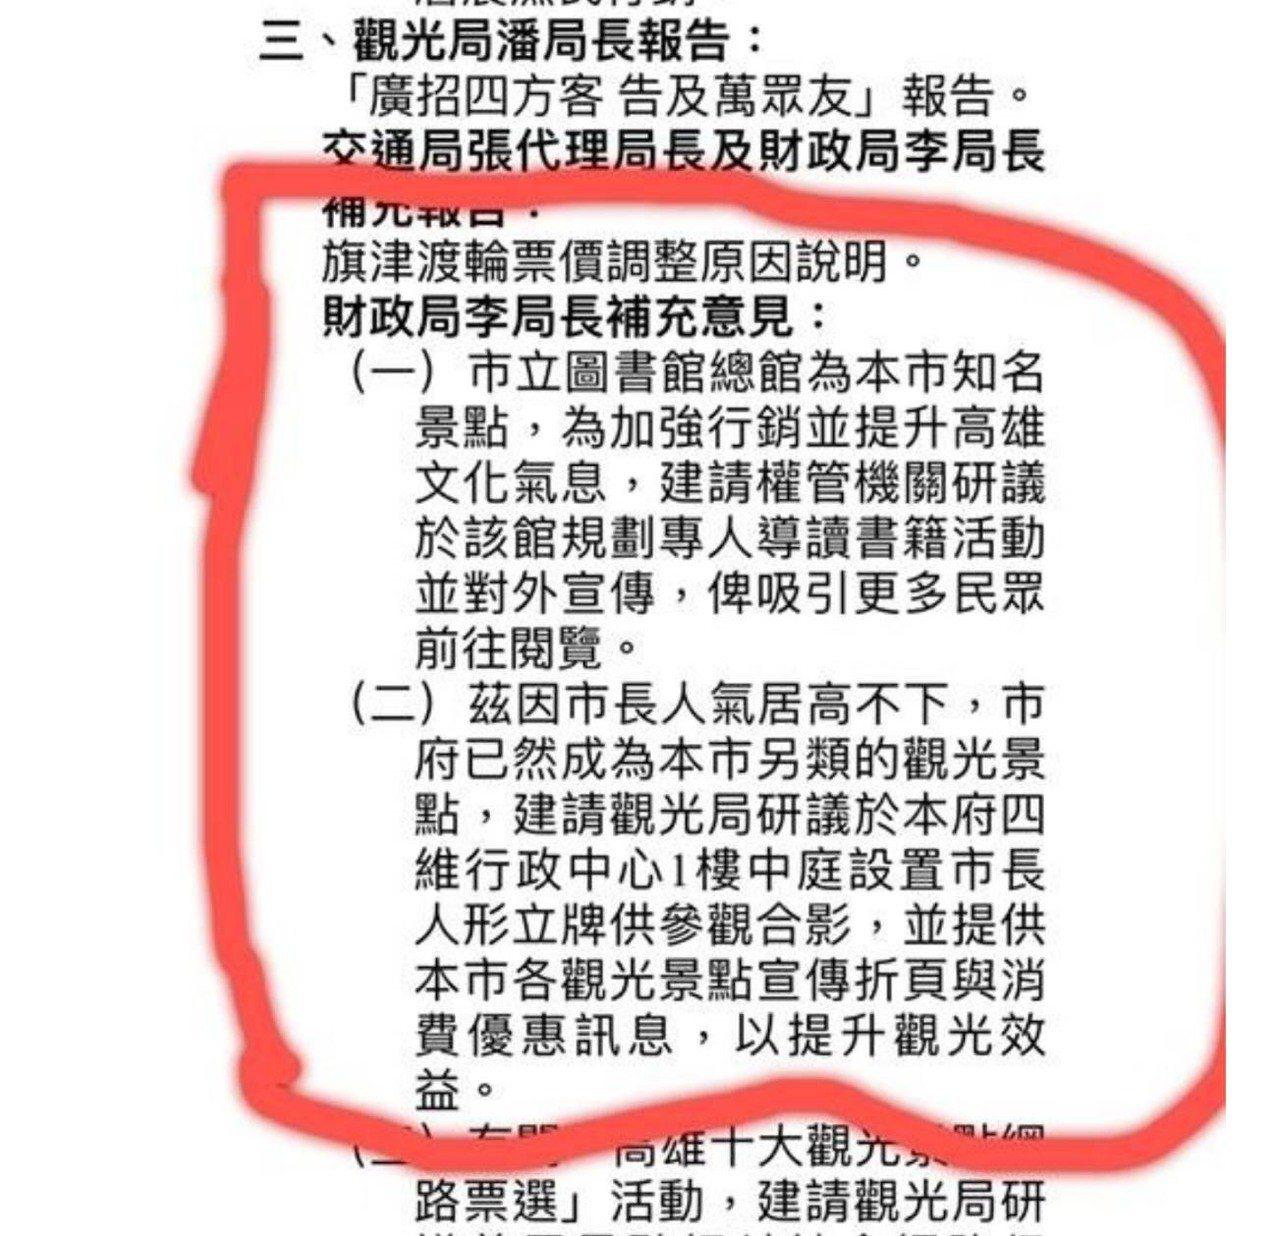 高市會議紀錄顯示財政局長李樑堅建議做市長韓國瑜人形立牌。圖/高雄市觀光局提供